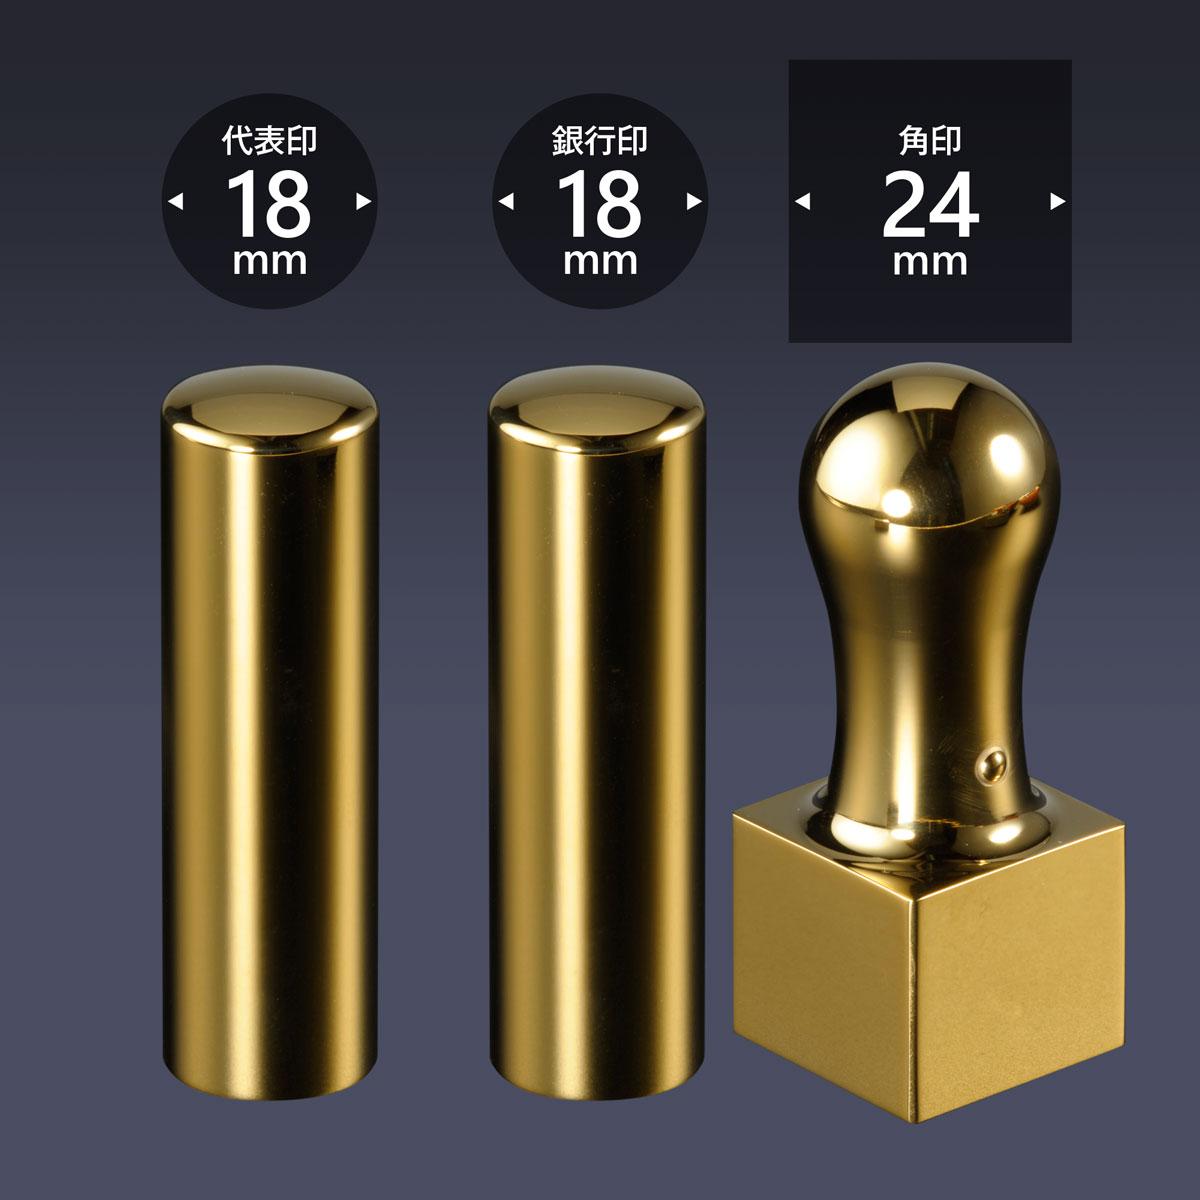 会社印 ミラーチタン(ゴールド)3本B24セット/送料無料 法人 会社設立 実印 銀行印 角印 女性 法人印鑑 社印